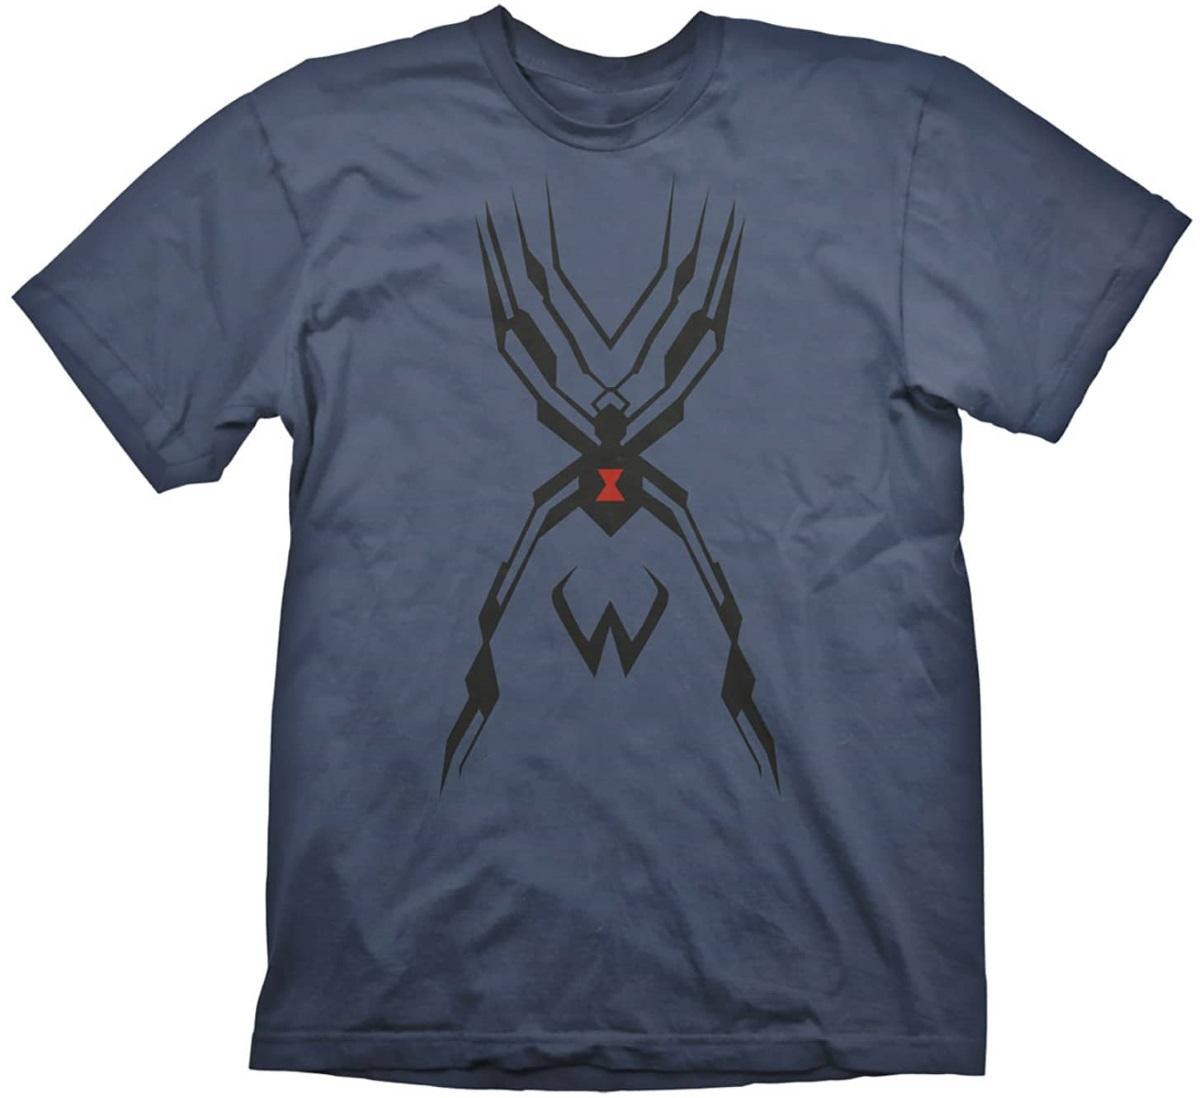 Футболка Overwatch: Widowmaker Tattoo (синяя) (L)На футболке Overwatch: Widowmaker Tattoo синего цвета размера L изображена культовая татуировка – стилизованный паук.<br>